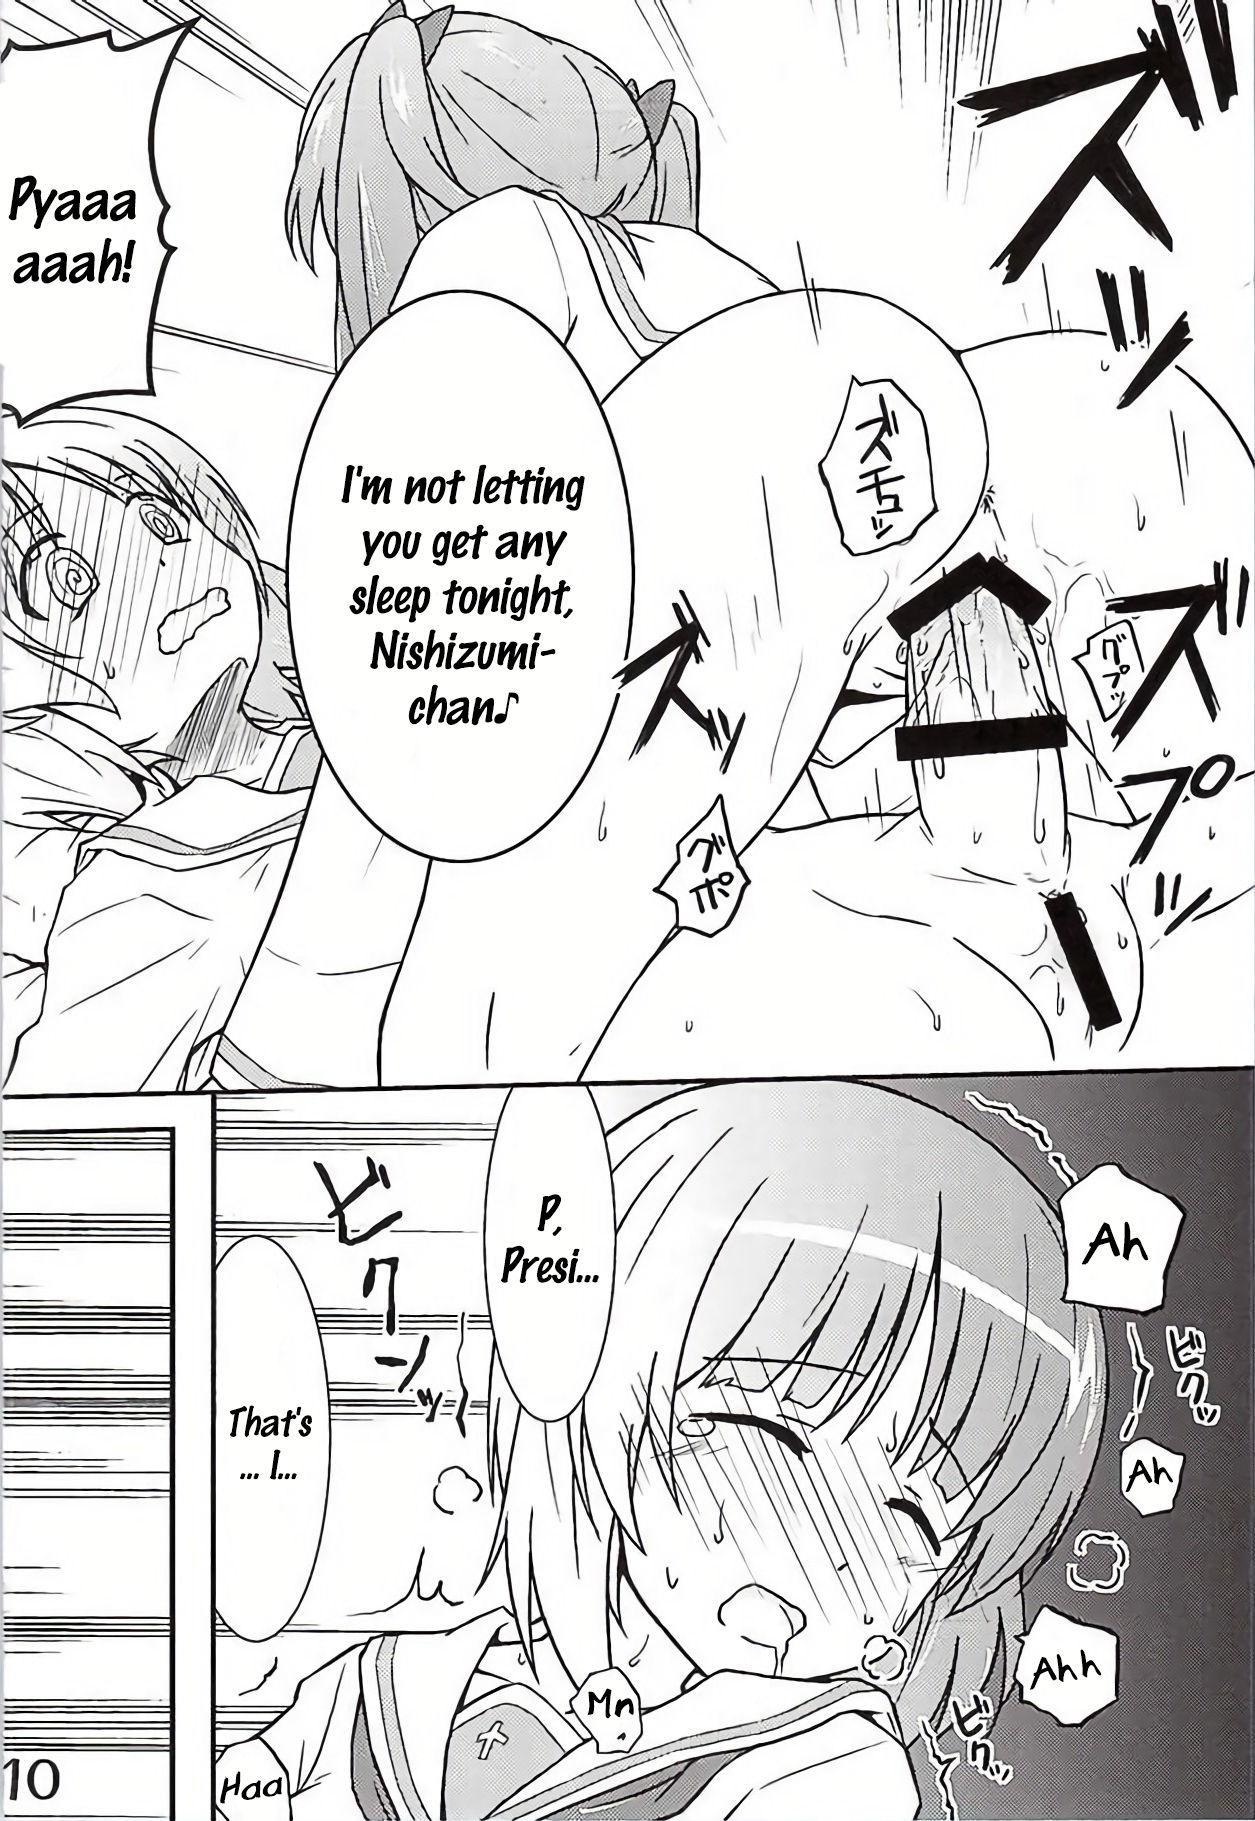 [Munak (Muuna)] Nishizumi-chan ni Chinchin o Tsukkomareru Yume o Mitanda | I dreamt about Nishizumi-chan thrusting her cock into me (Girls und Panzer) [English] [alalom] 6